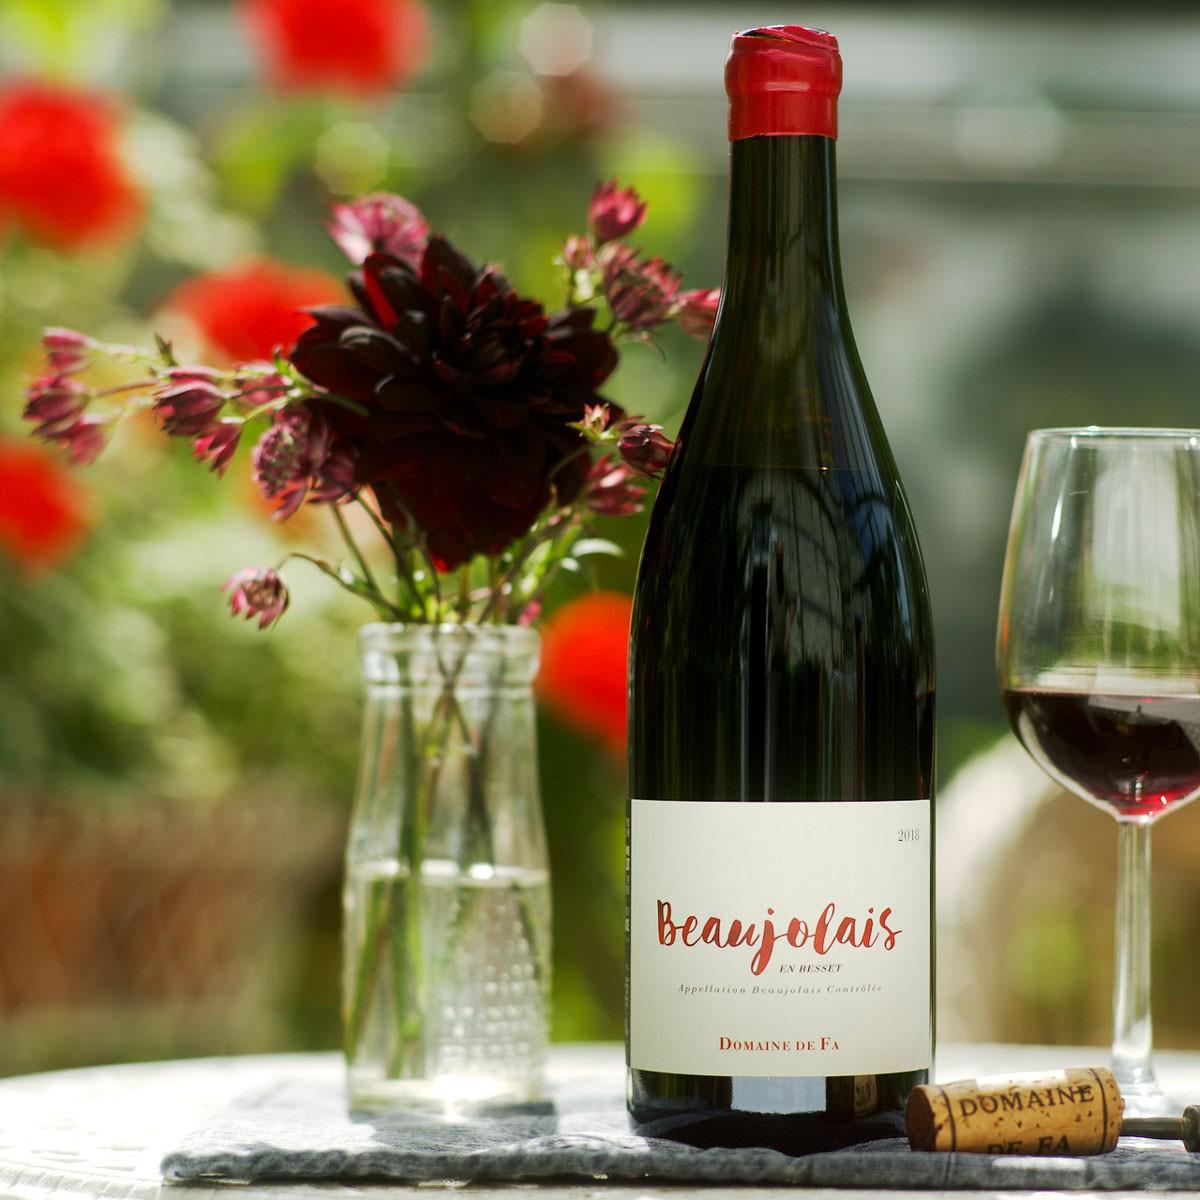 Beaujolais en Besset: Domaine de Fa 2018 - Lifestyle